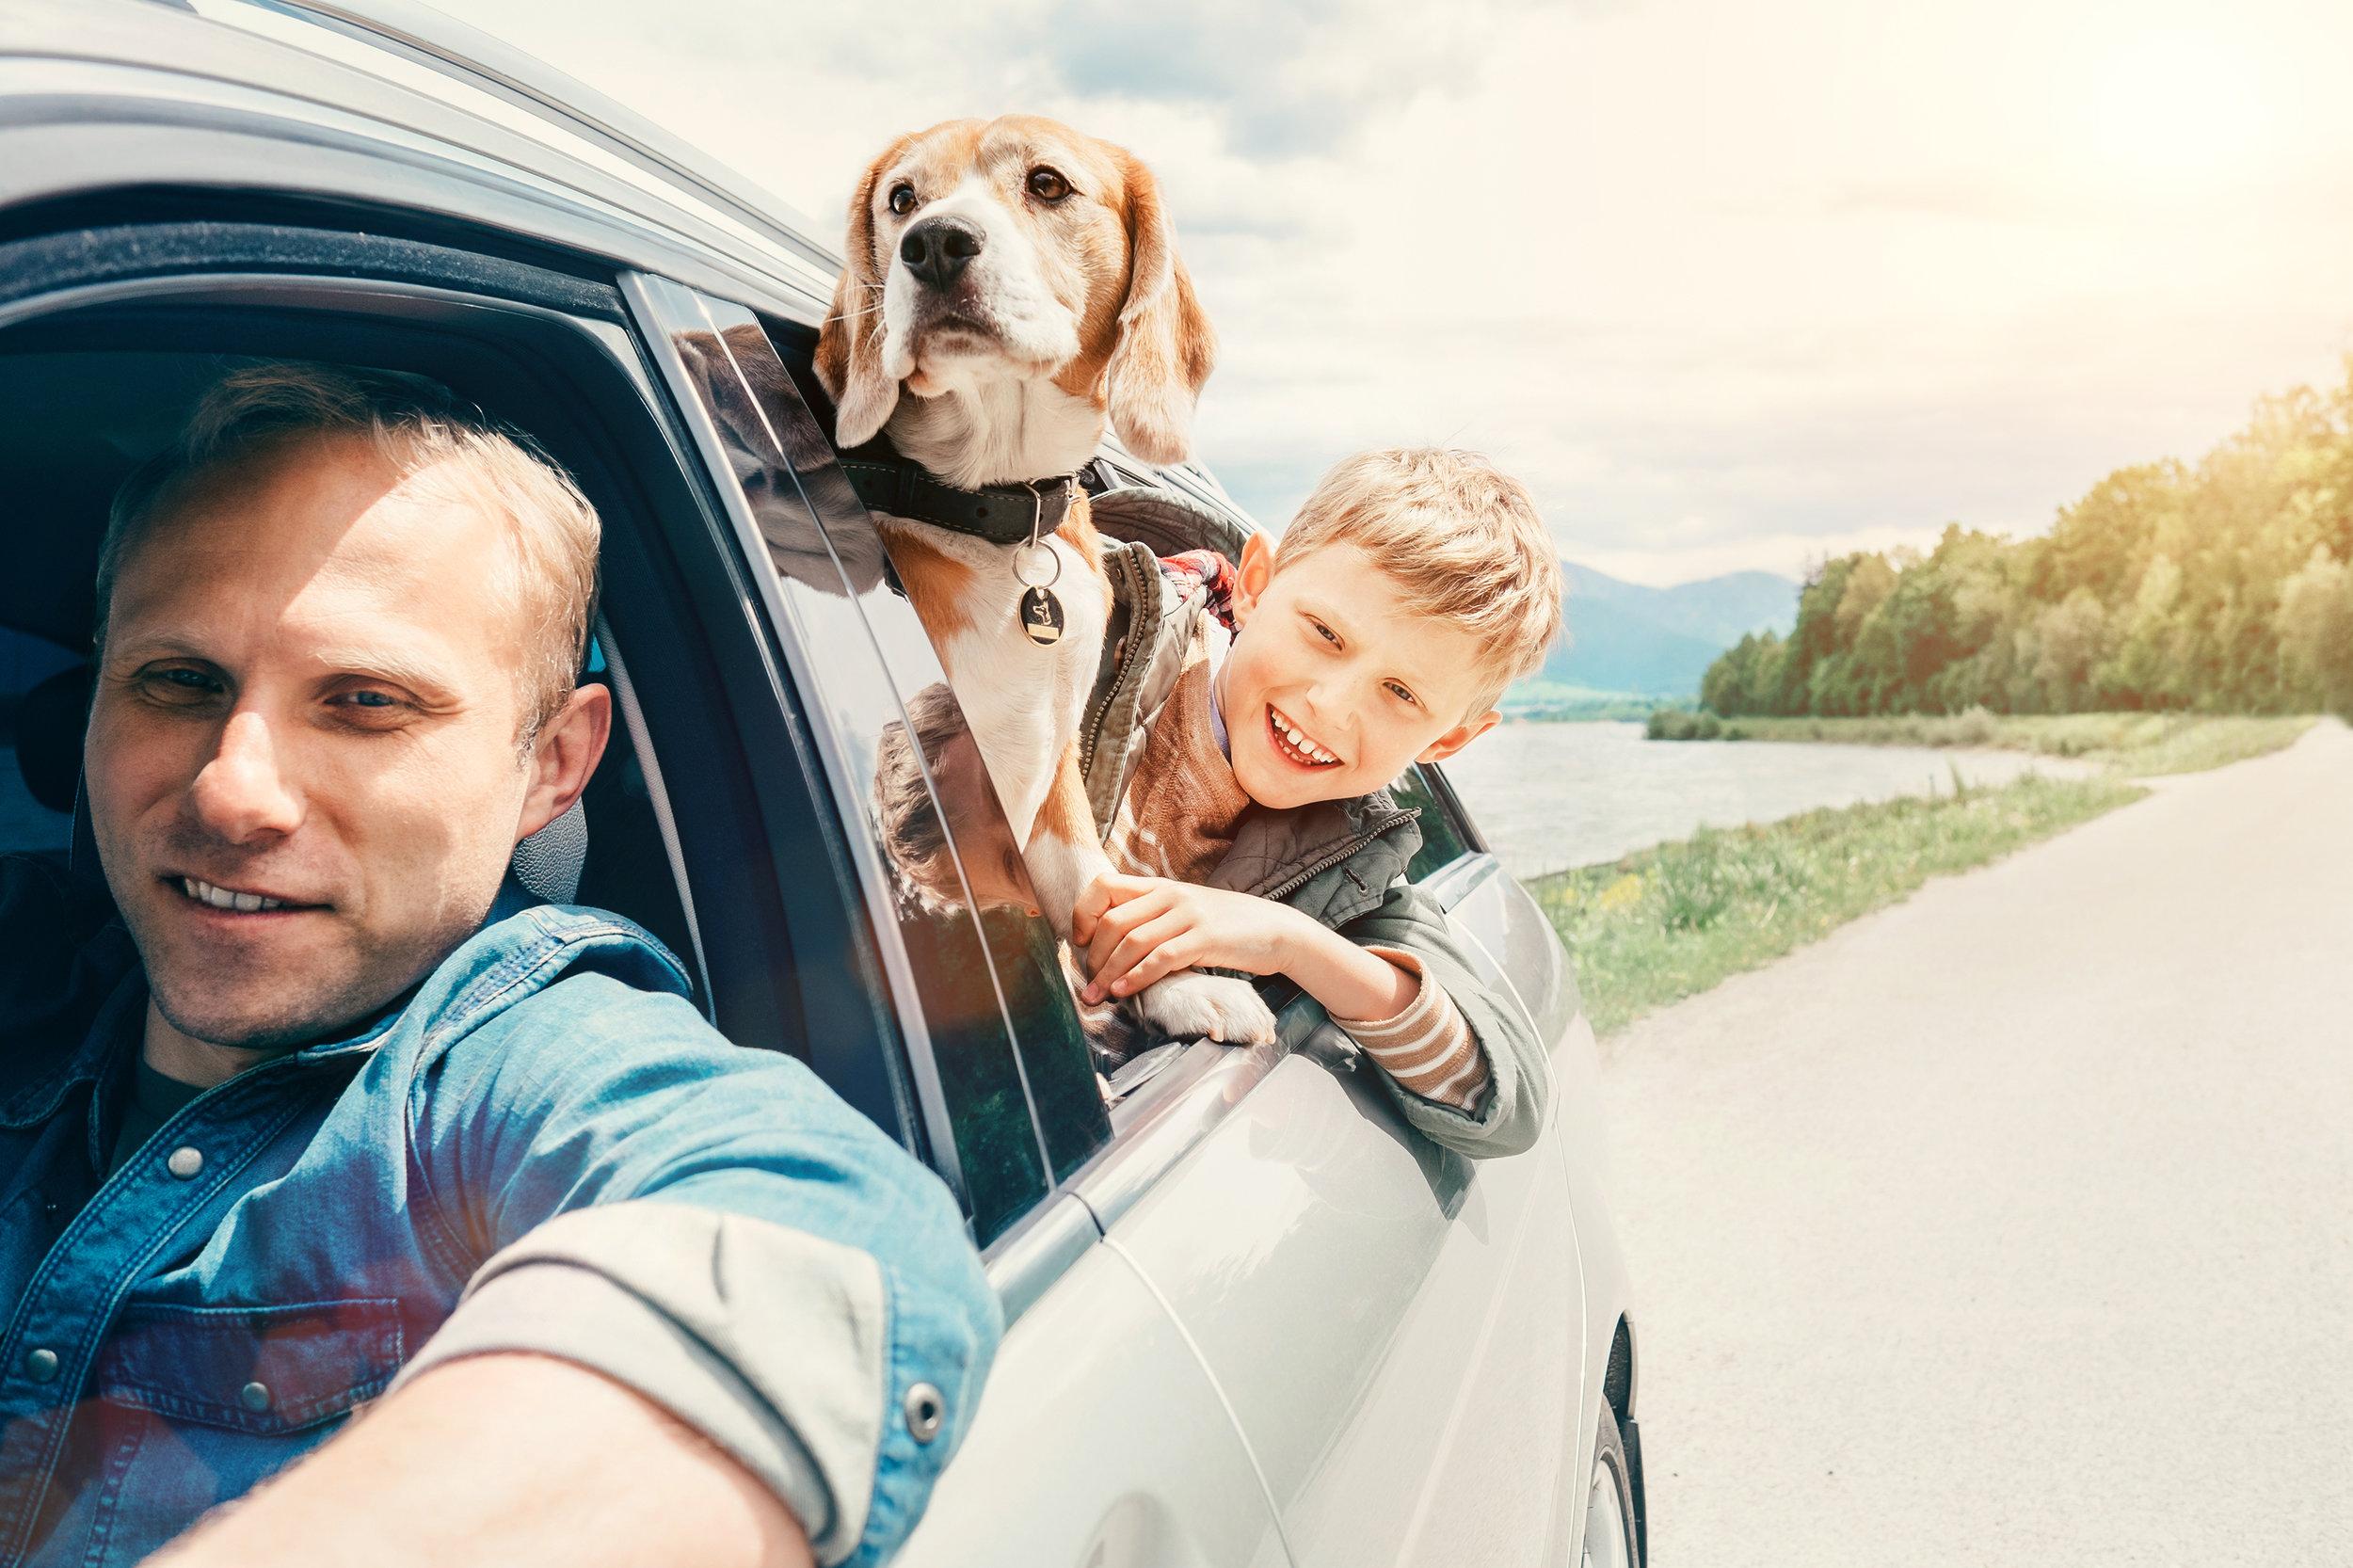 dad-son-dog-in-car_new-home-checklist.jpg